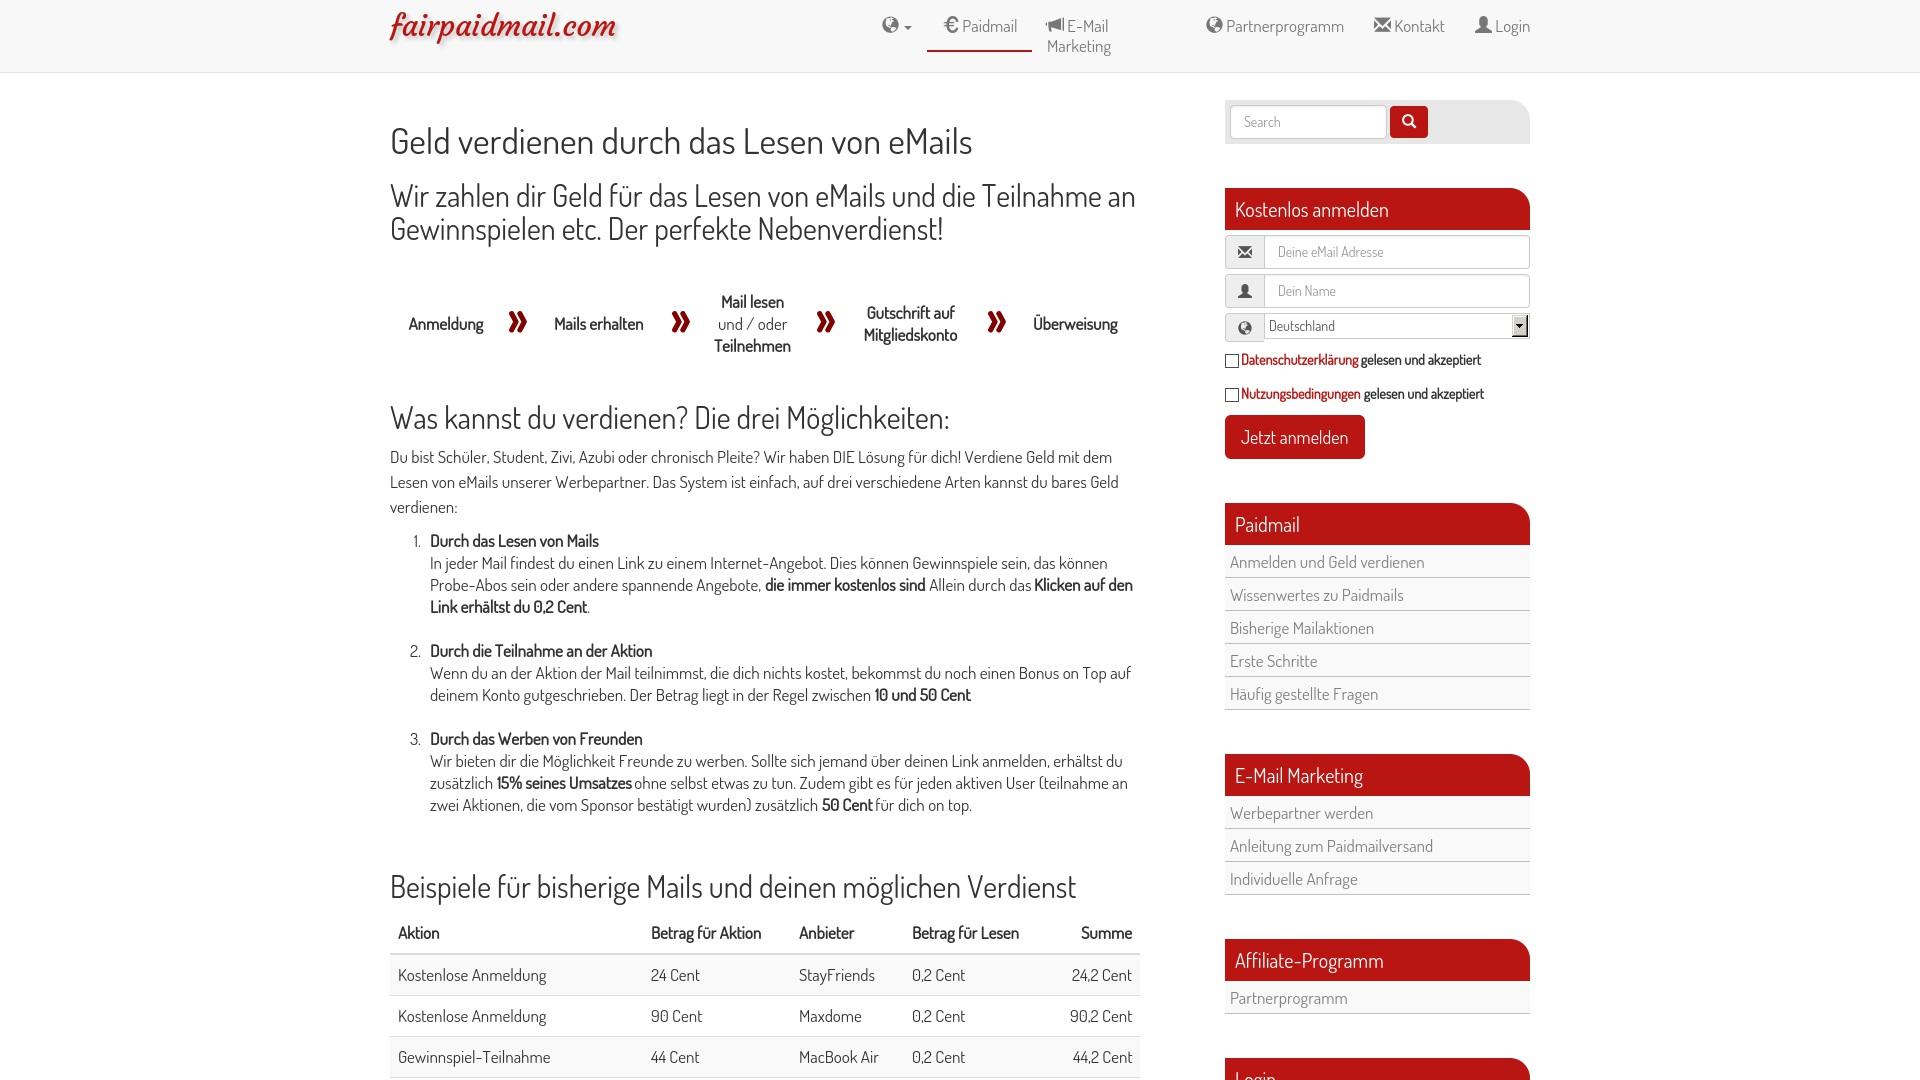 Gutschein für Fairpaidmail: Rabatte für  Fairpaidmail sichern